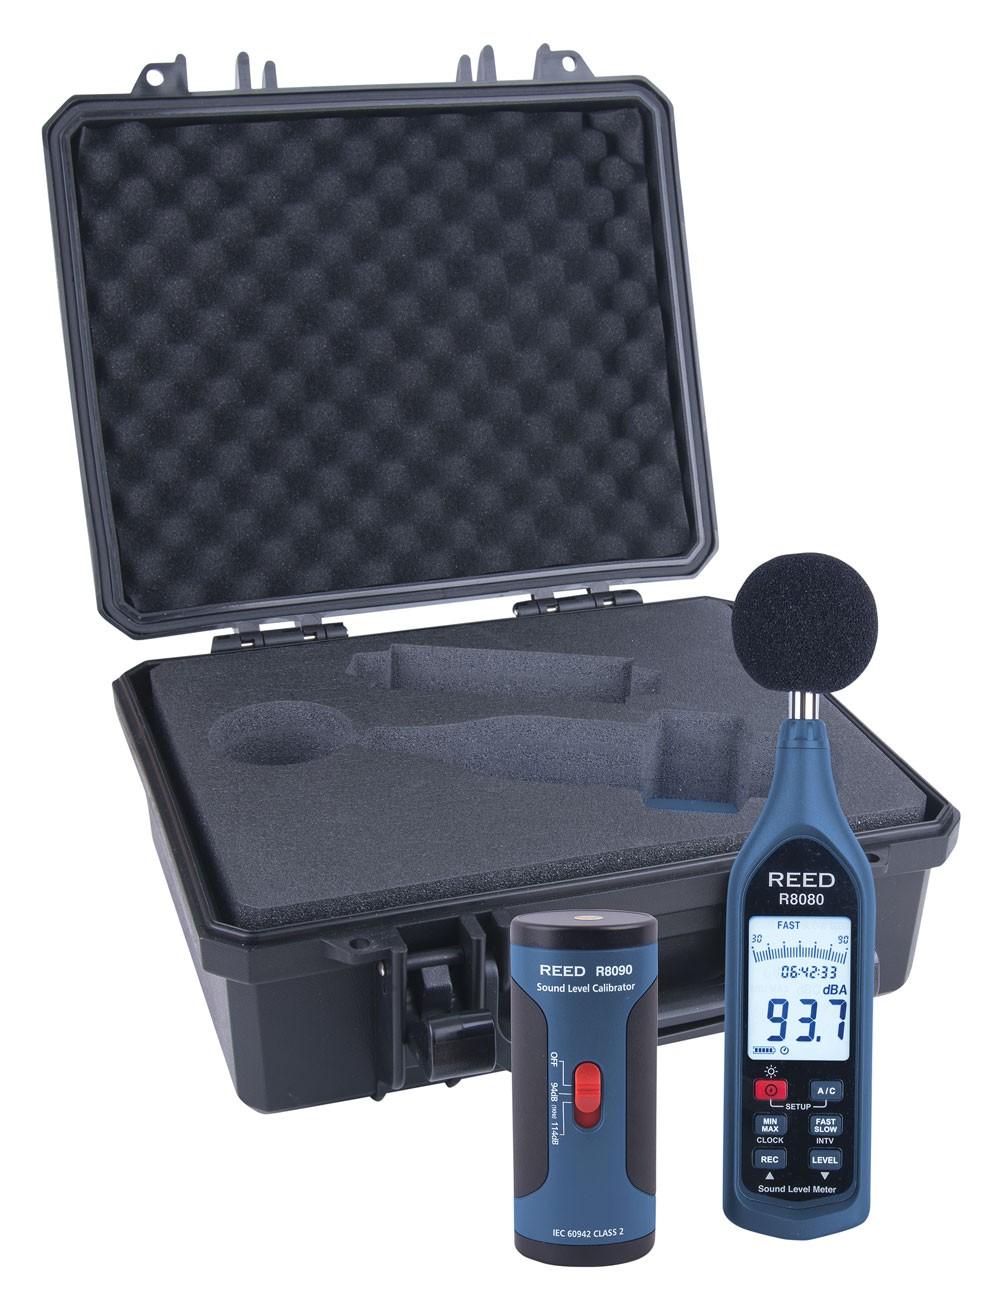 REED R8080-KIT Data Logging Sound Level Meter and Calibrator Kit